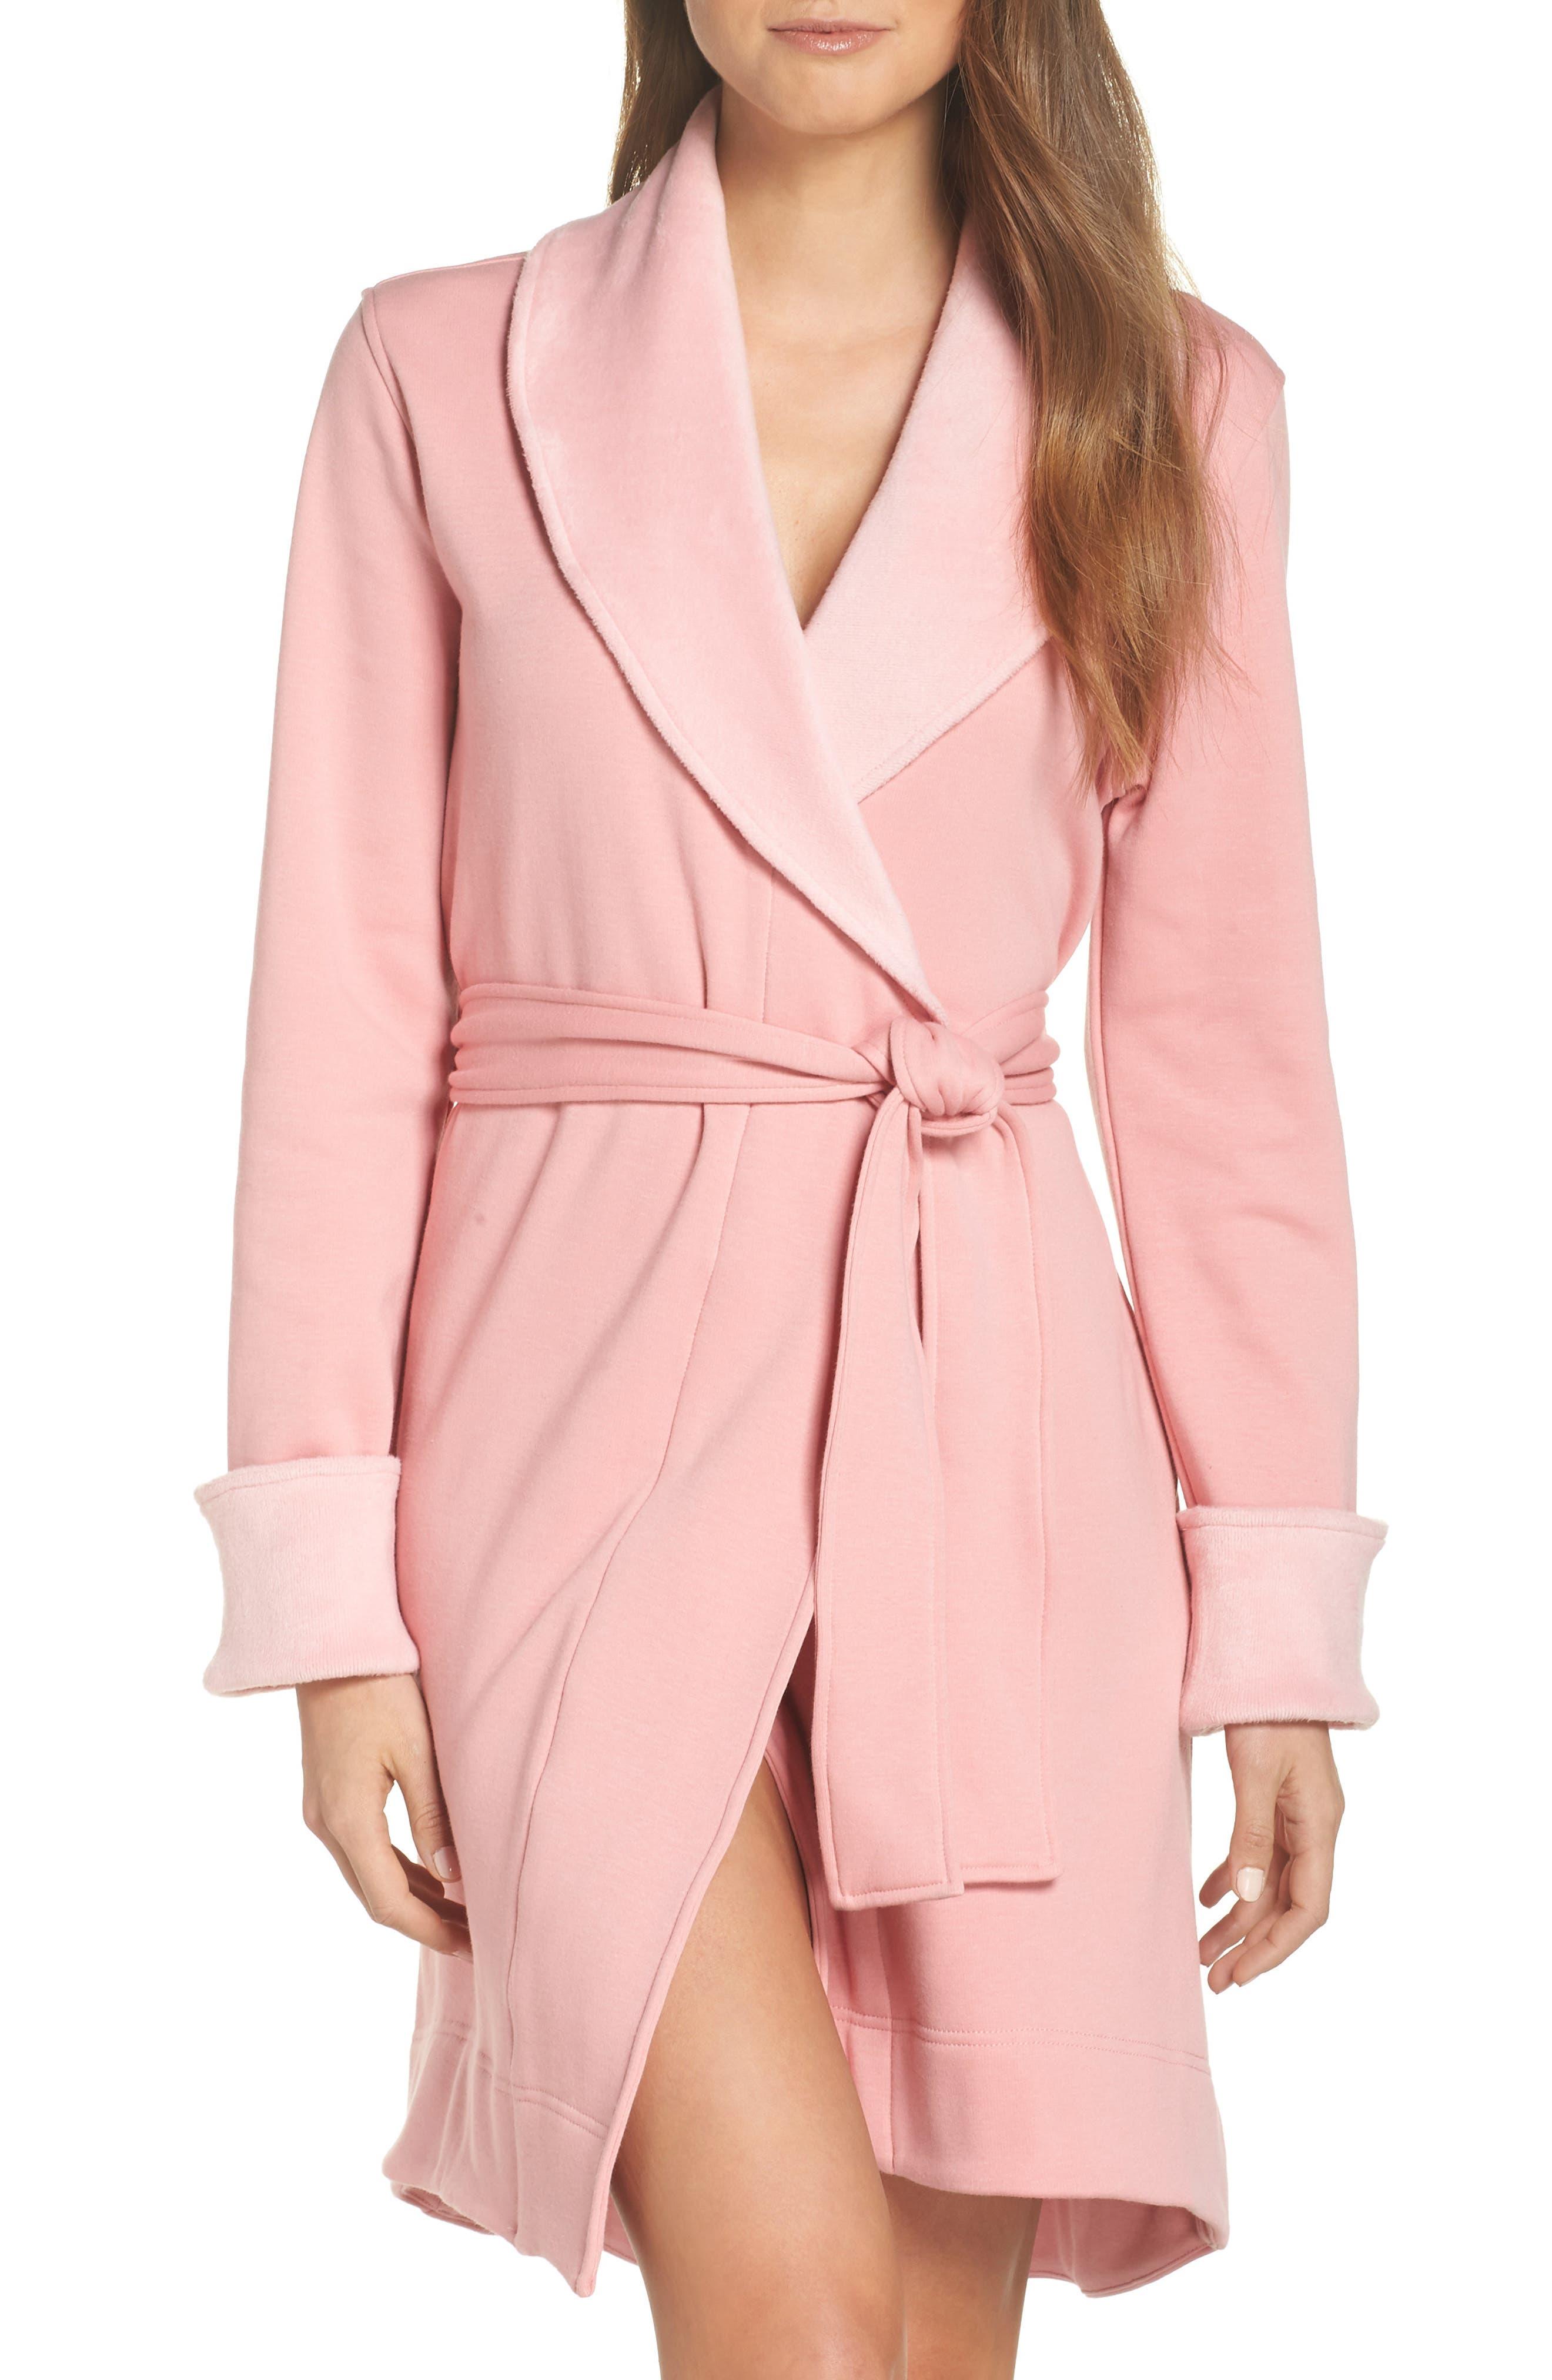 UGG<SUP>®</SUP>, Blanche II Short Robe, Main thumbnail 1, color, PINK DAWN